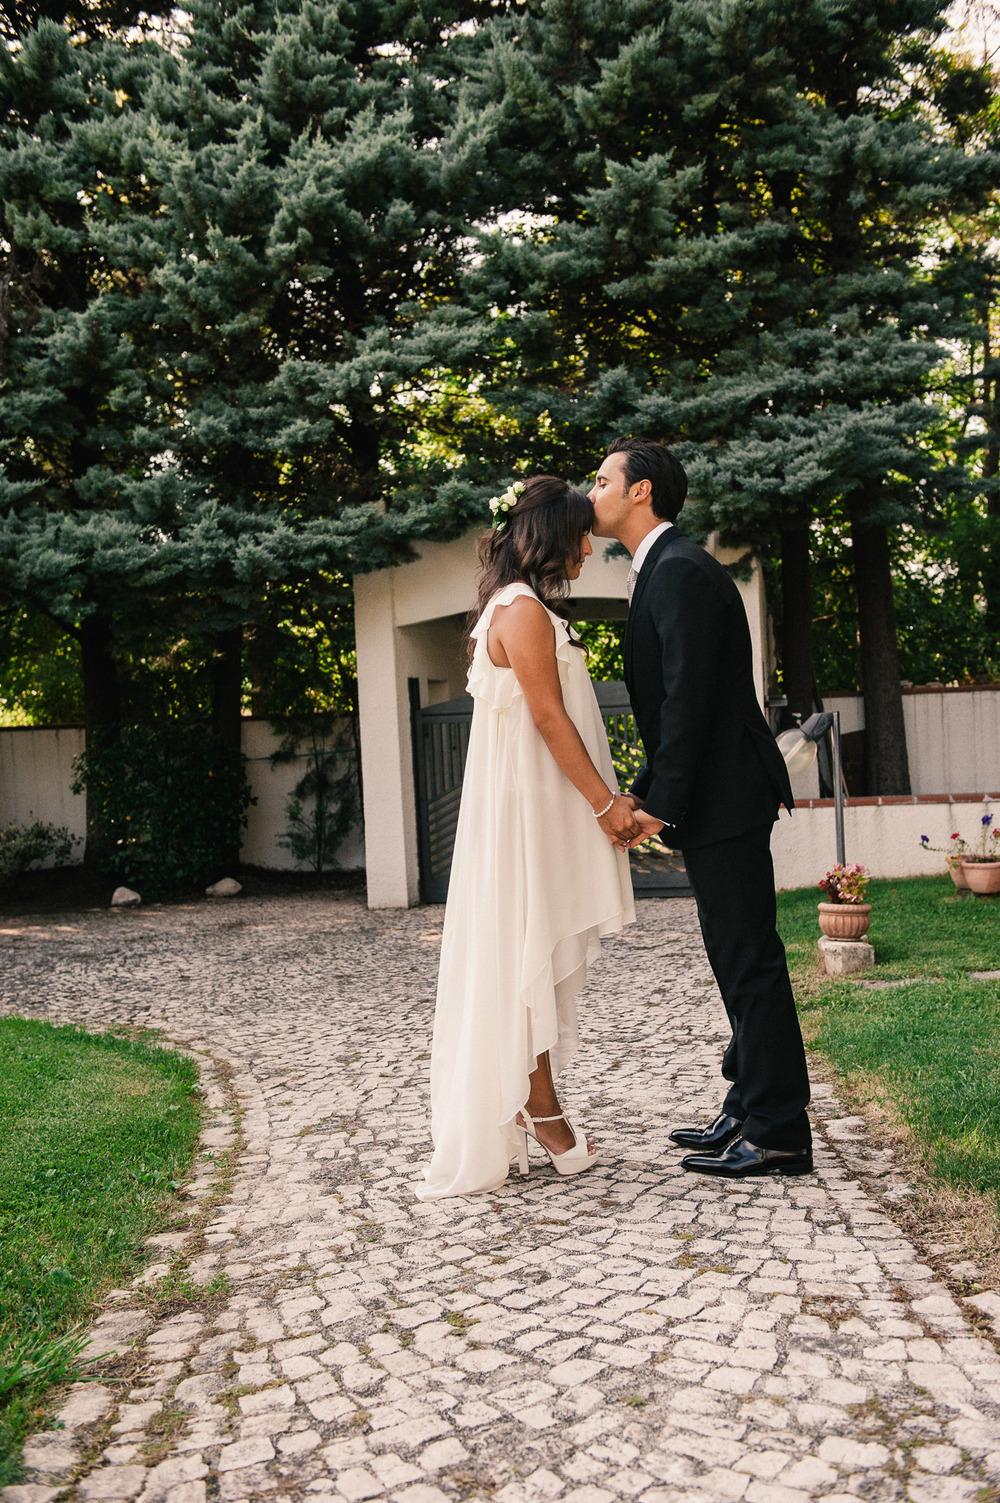 boda en italia_pablosalgado__PSB5899.jpg